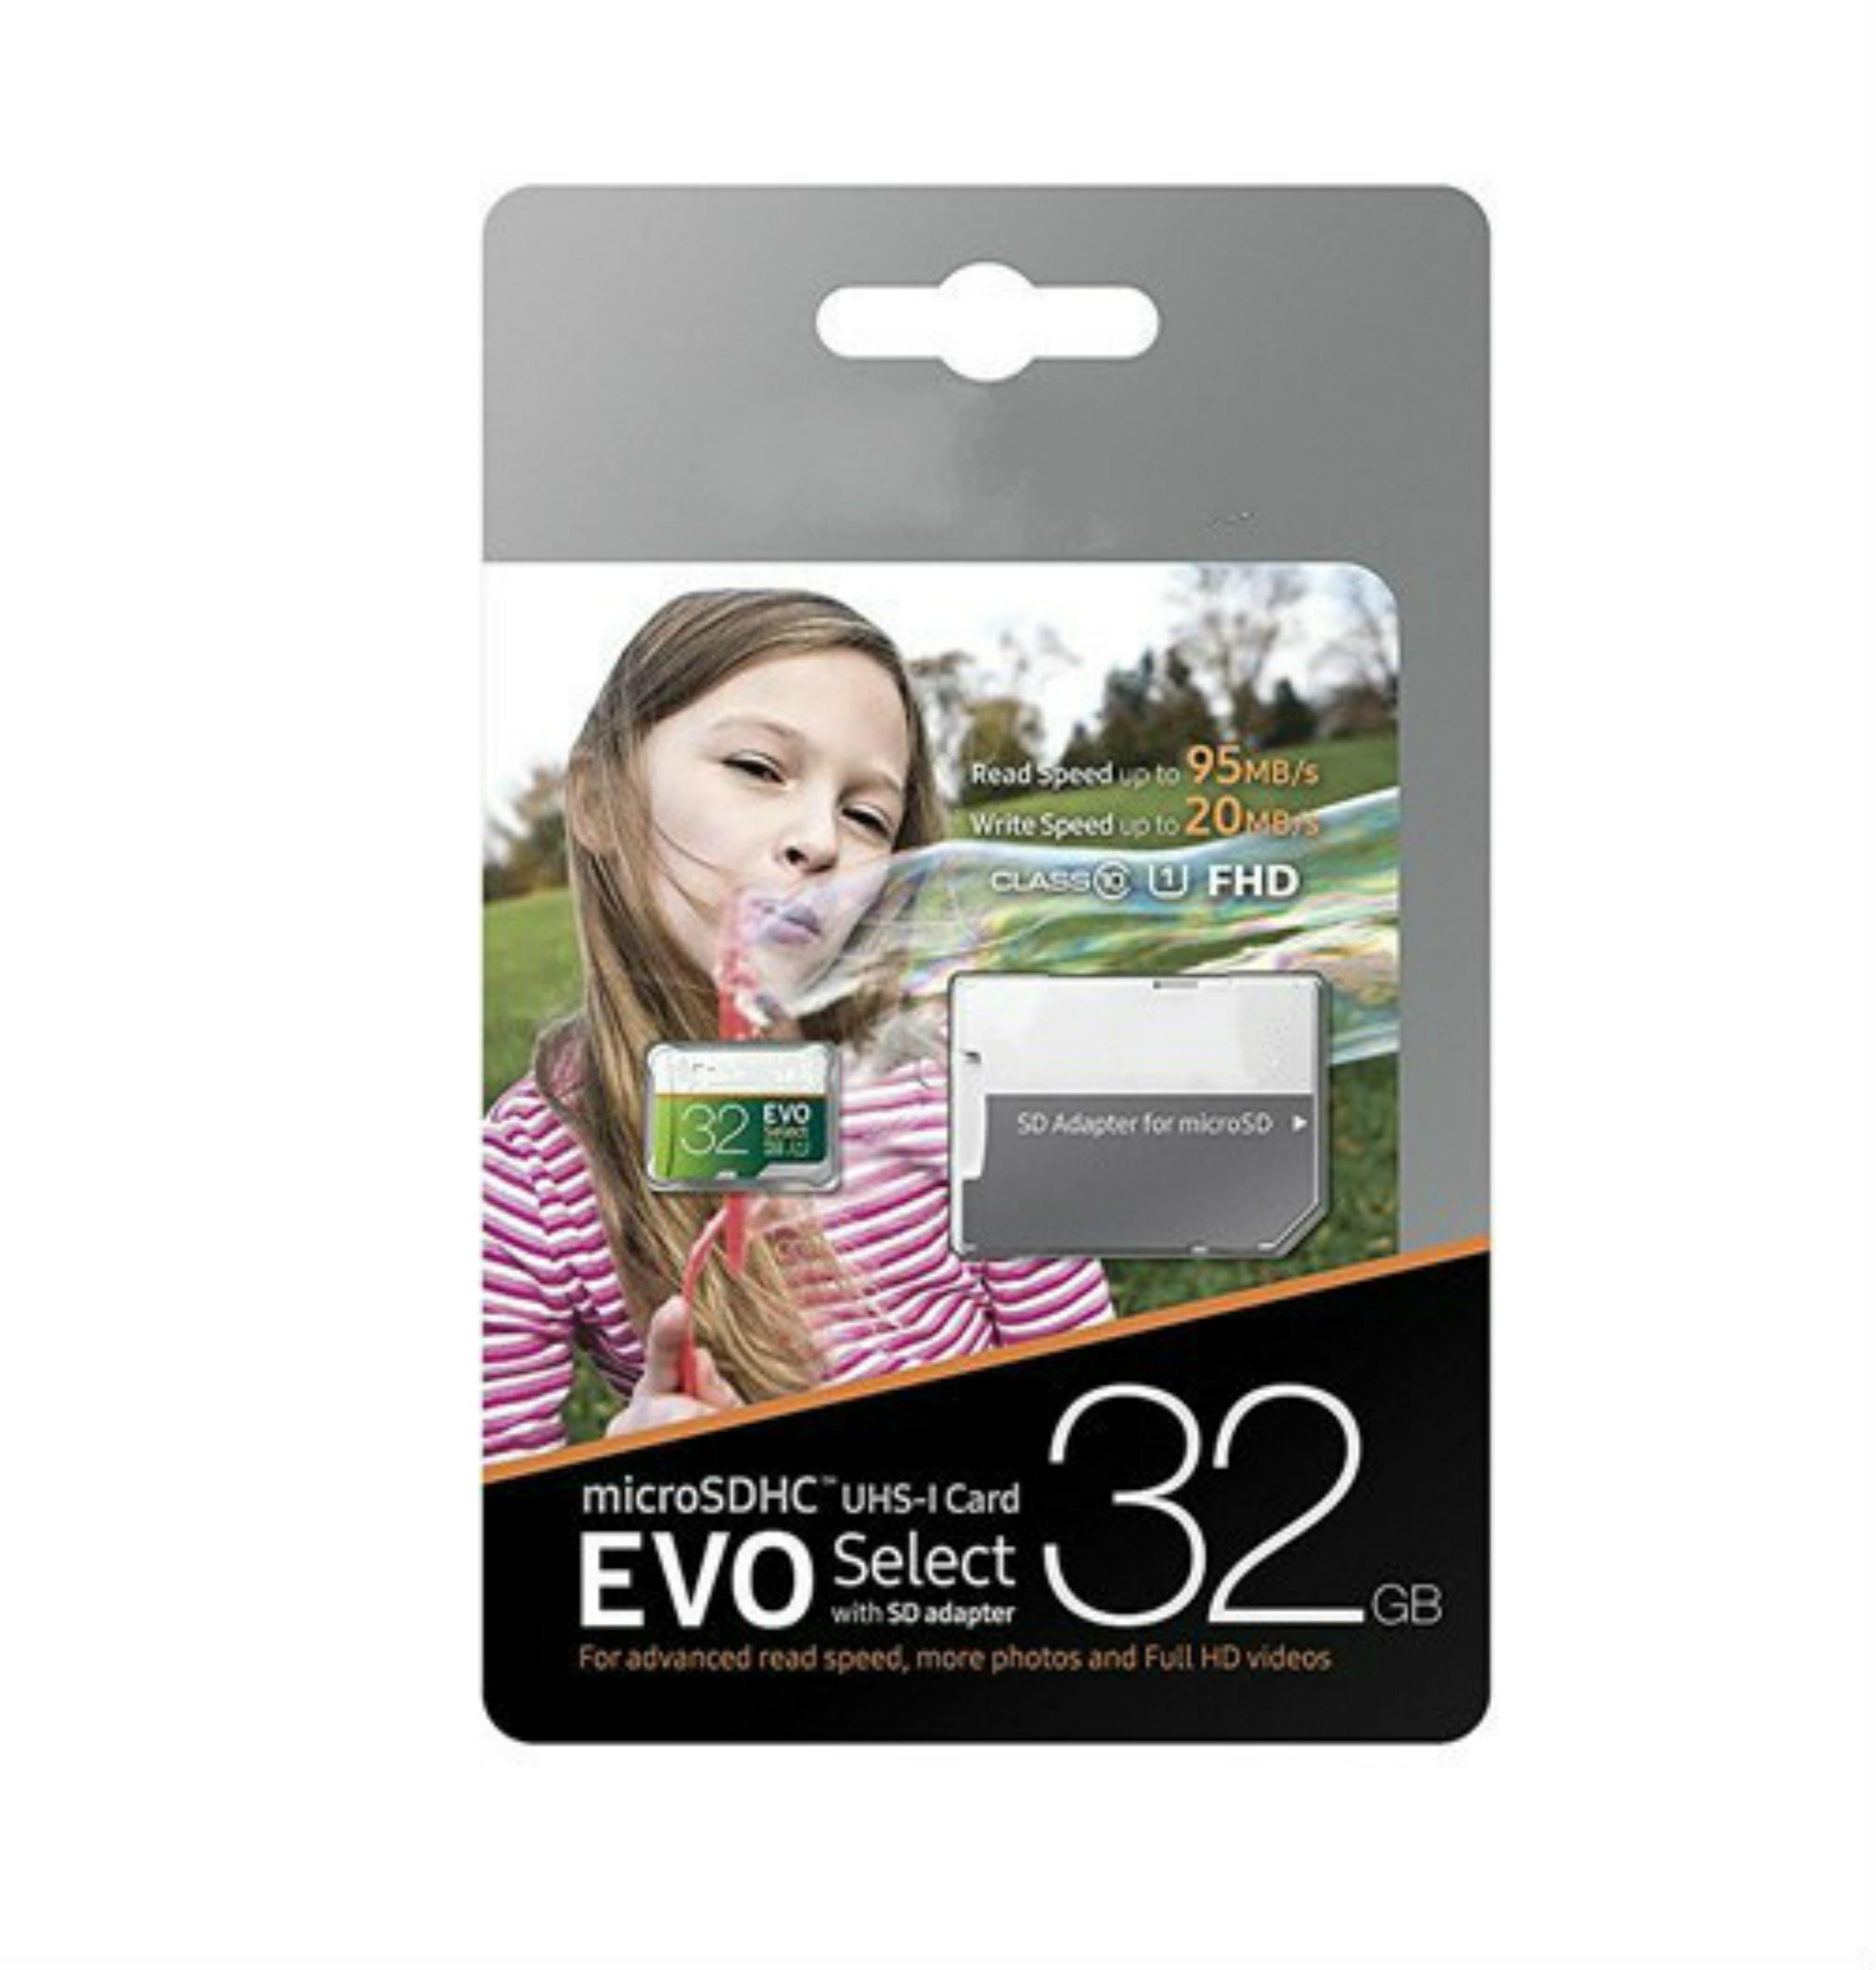 DHL Shipping 8G / 16GB / 32GB / 64GB / 128GB / 256GB Samsung Evo Выберите Micro SD Card / Smartphone SDXC Карточка для хранения / TF Card / Карта памяти Камеры 100 МБ / с